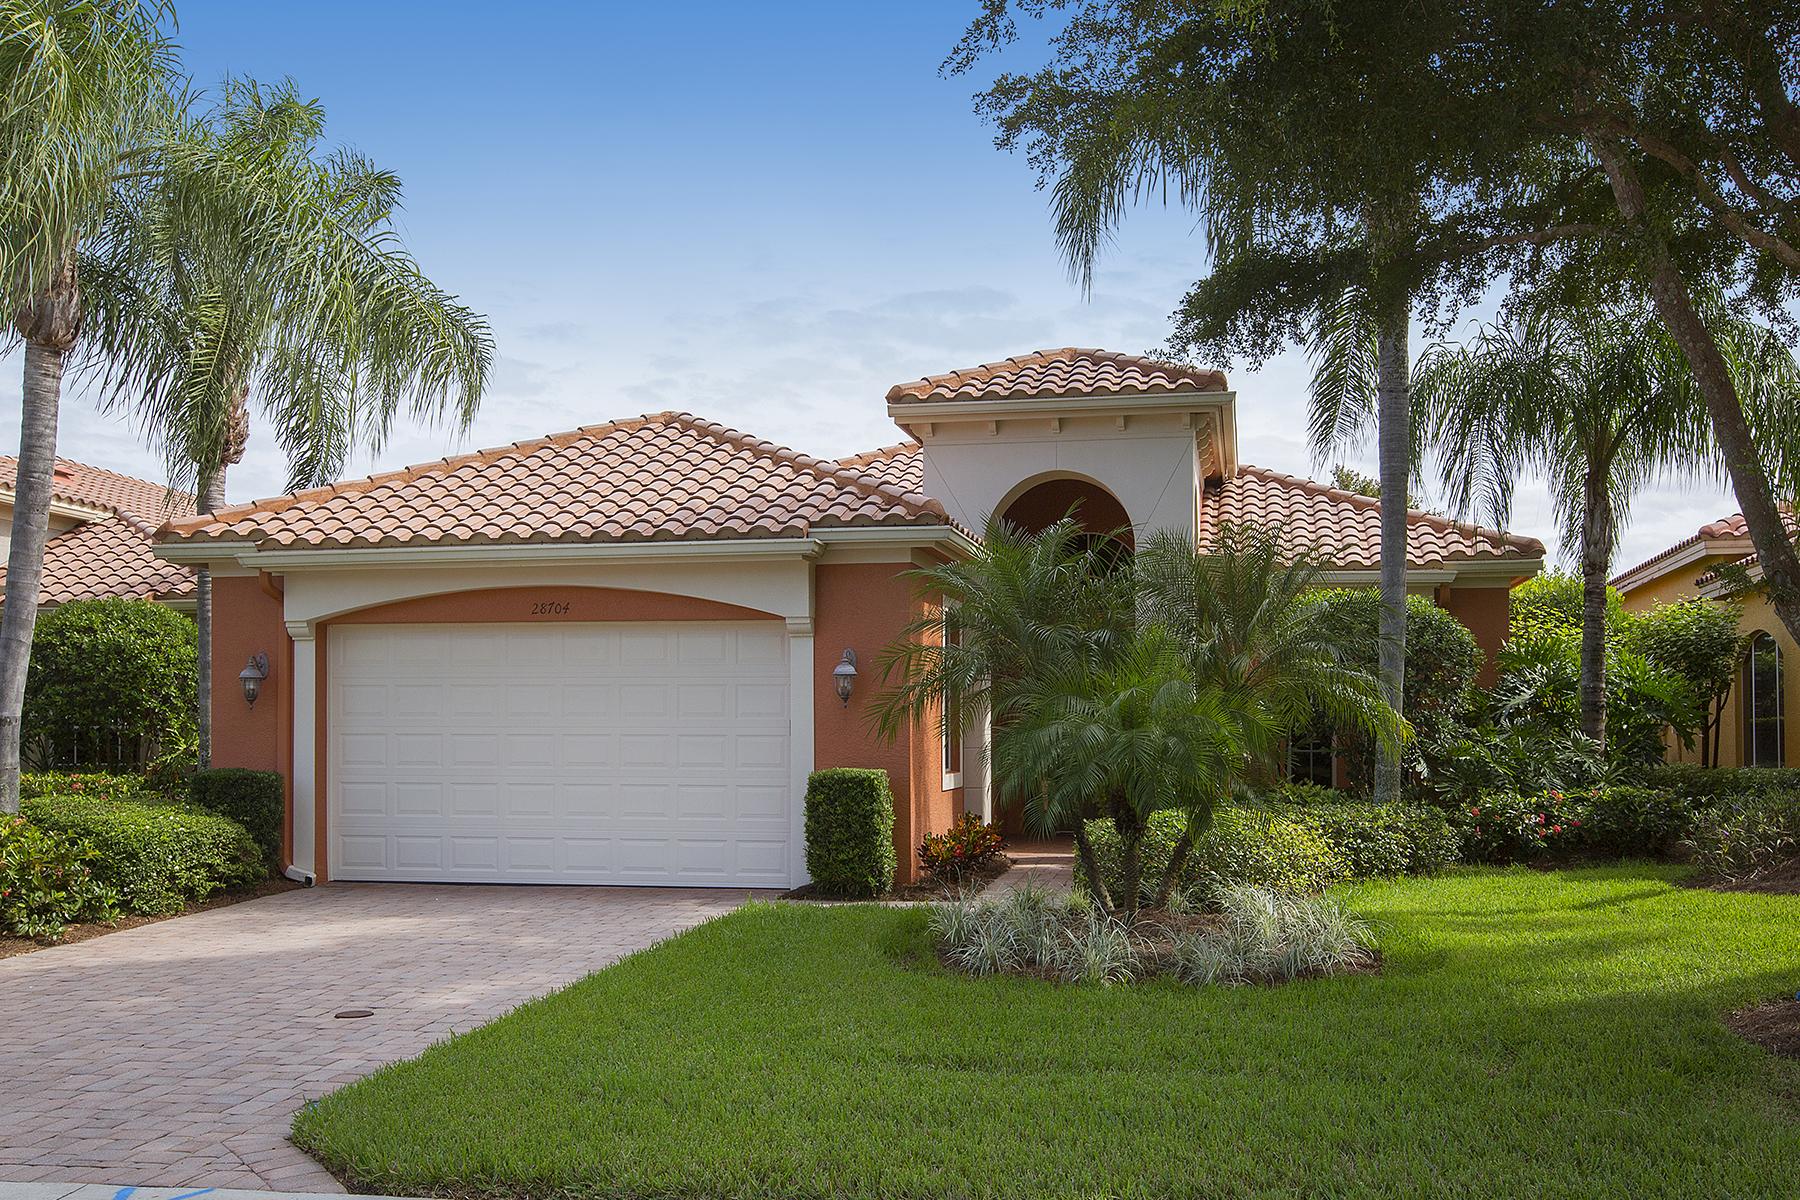 Maison unifamiliale pour l Vente à BONITA SPRINGS 28704 Pienza Ct Bonita Springs, Florida, 34134 États-Unis